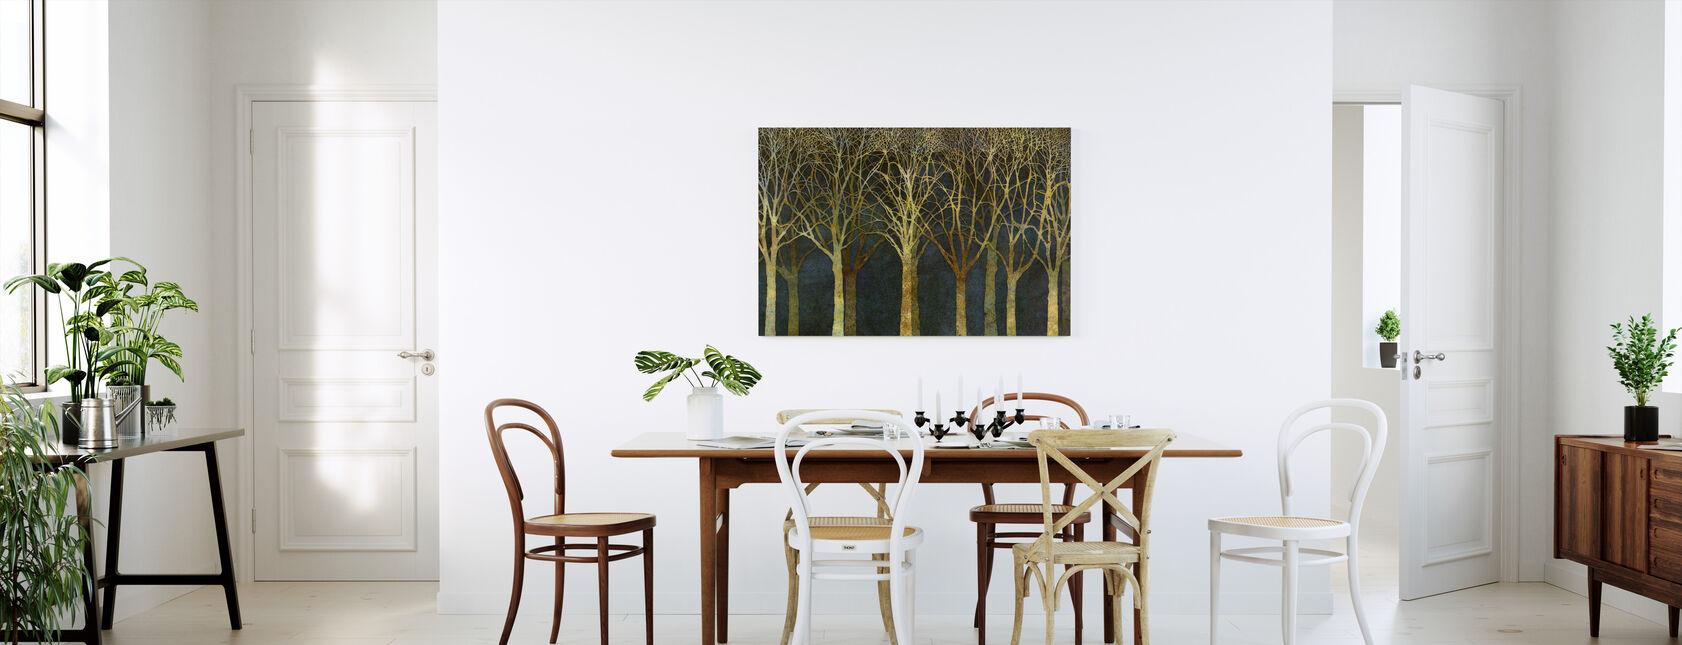 Birch Grove Moonlight - Canvas print - Kitchen